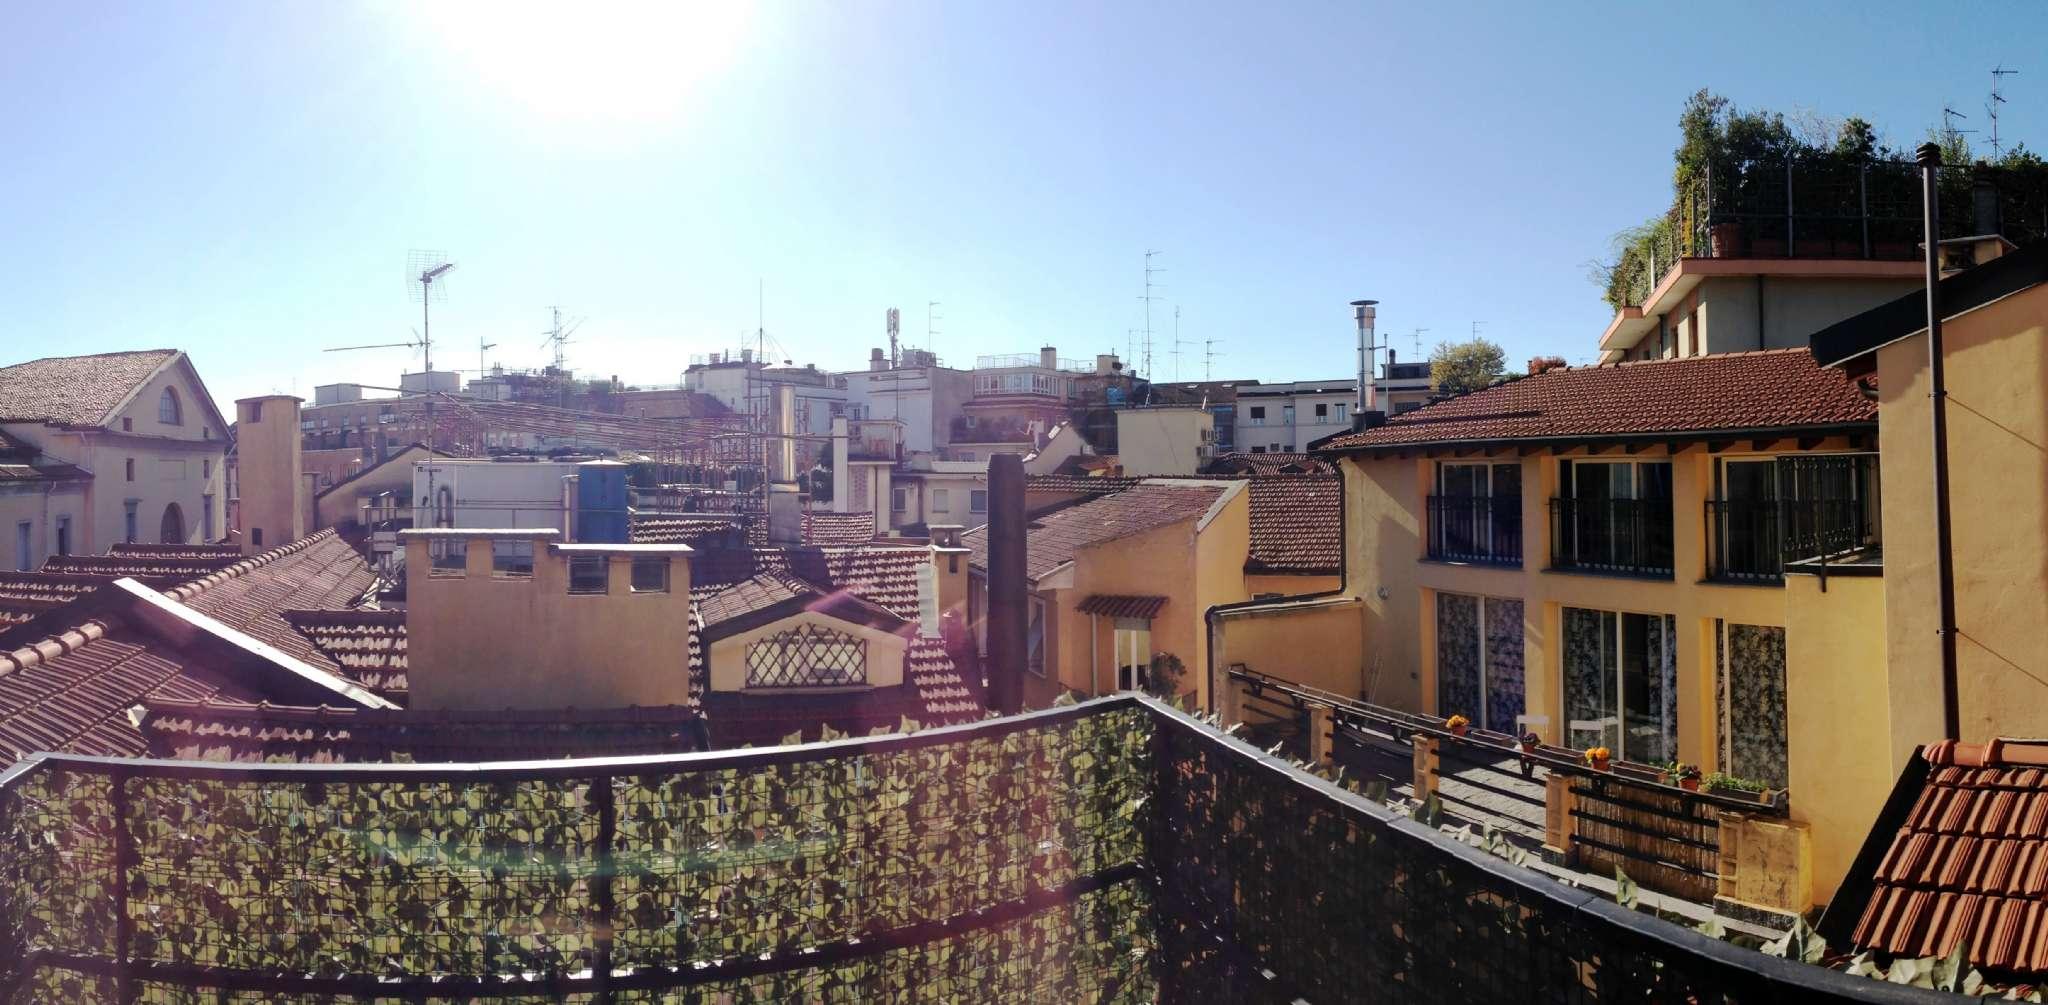 Appartamento in Vendita a Milano 01 Centro storico (Cerchia dei Navigli): 4 locali, 135 mq